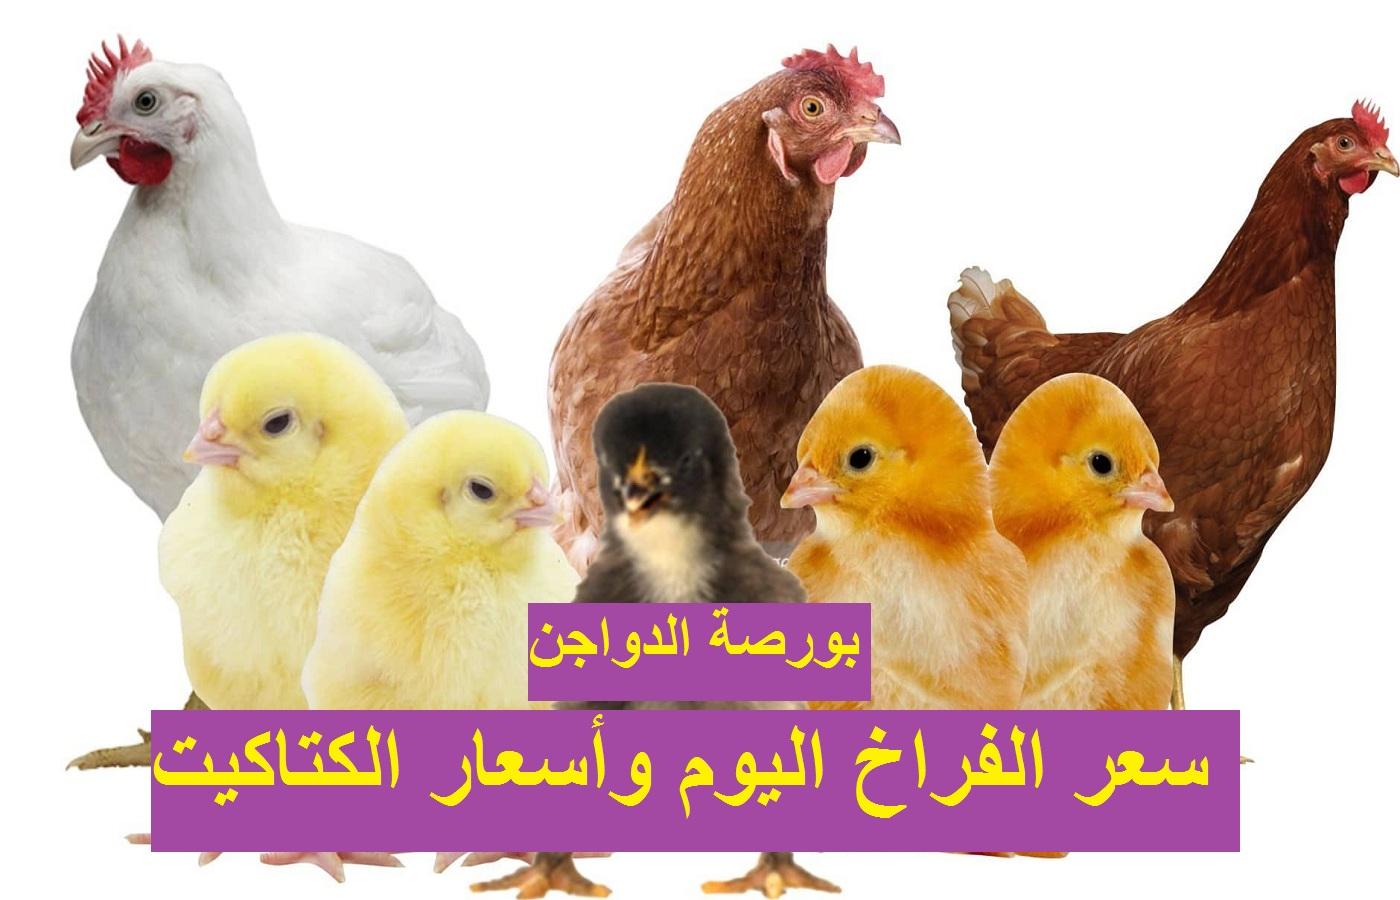 بورصة الدواجن اليوم الأحد 18 يوليو.. انخفاض سعر الفراخ وارتفاع الكتكوت